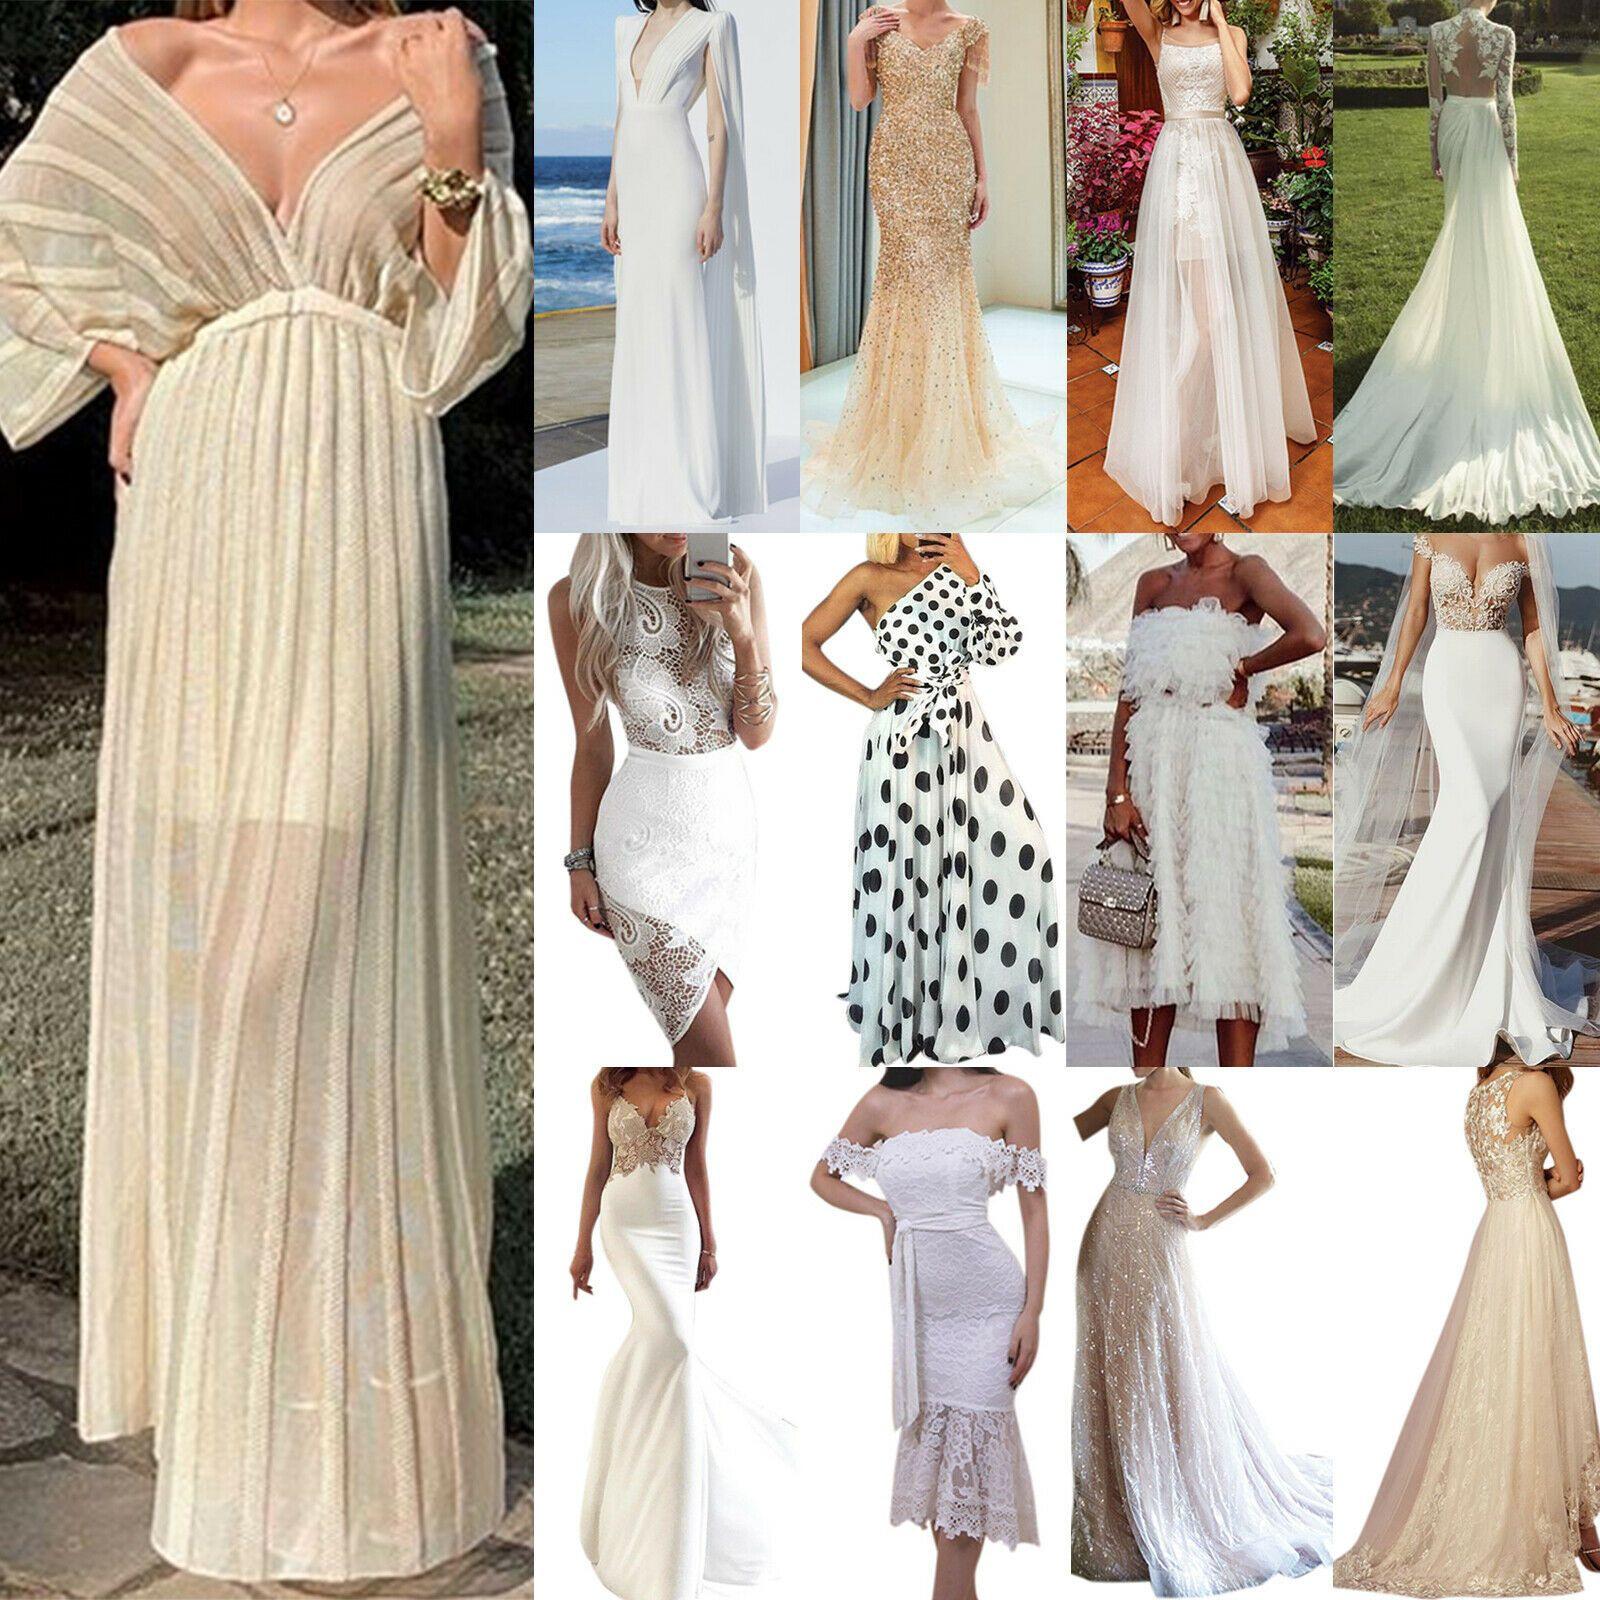 Damen Weiß Spitze Abendkleid Cocktailkleid Fest Partykleid